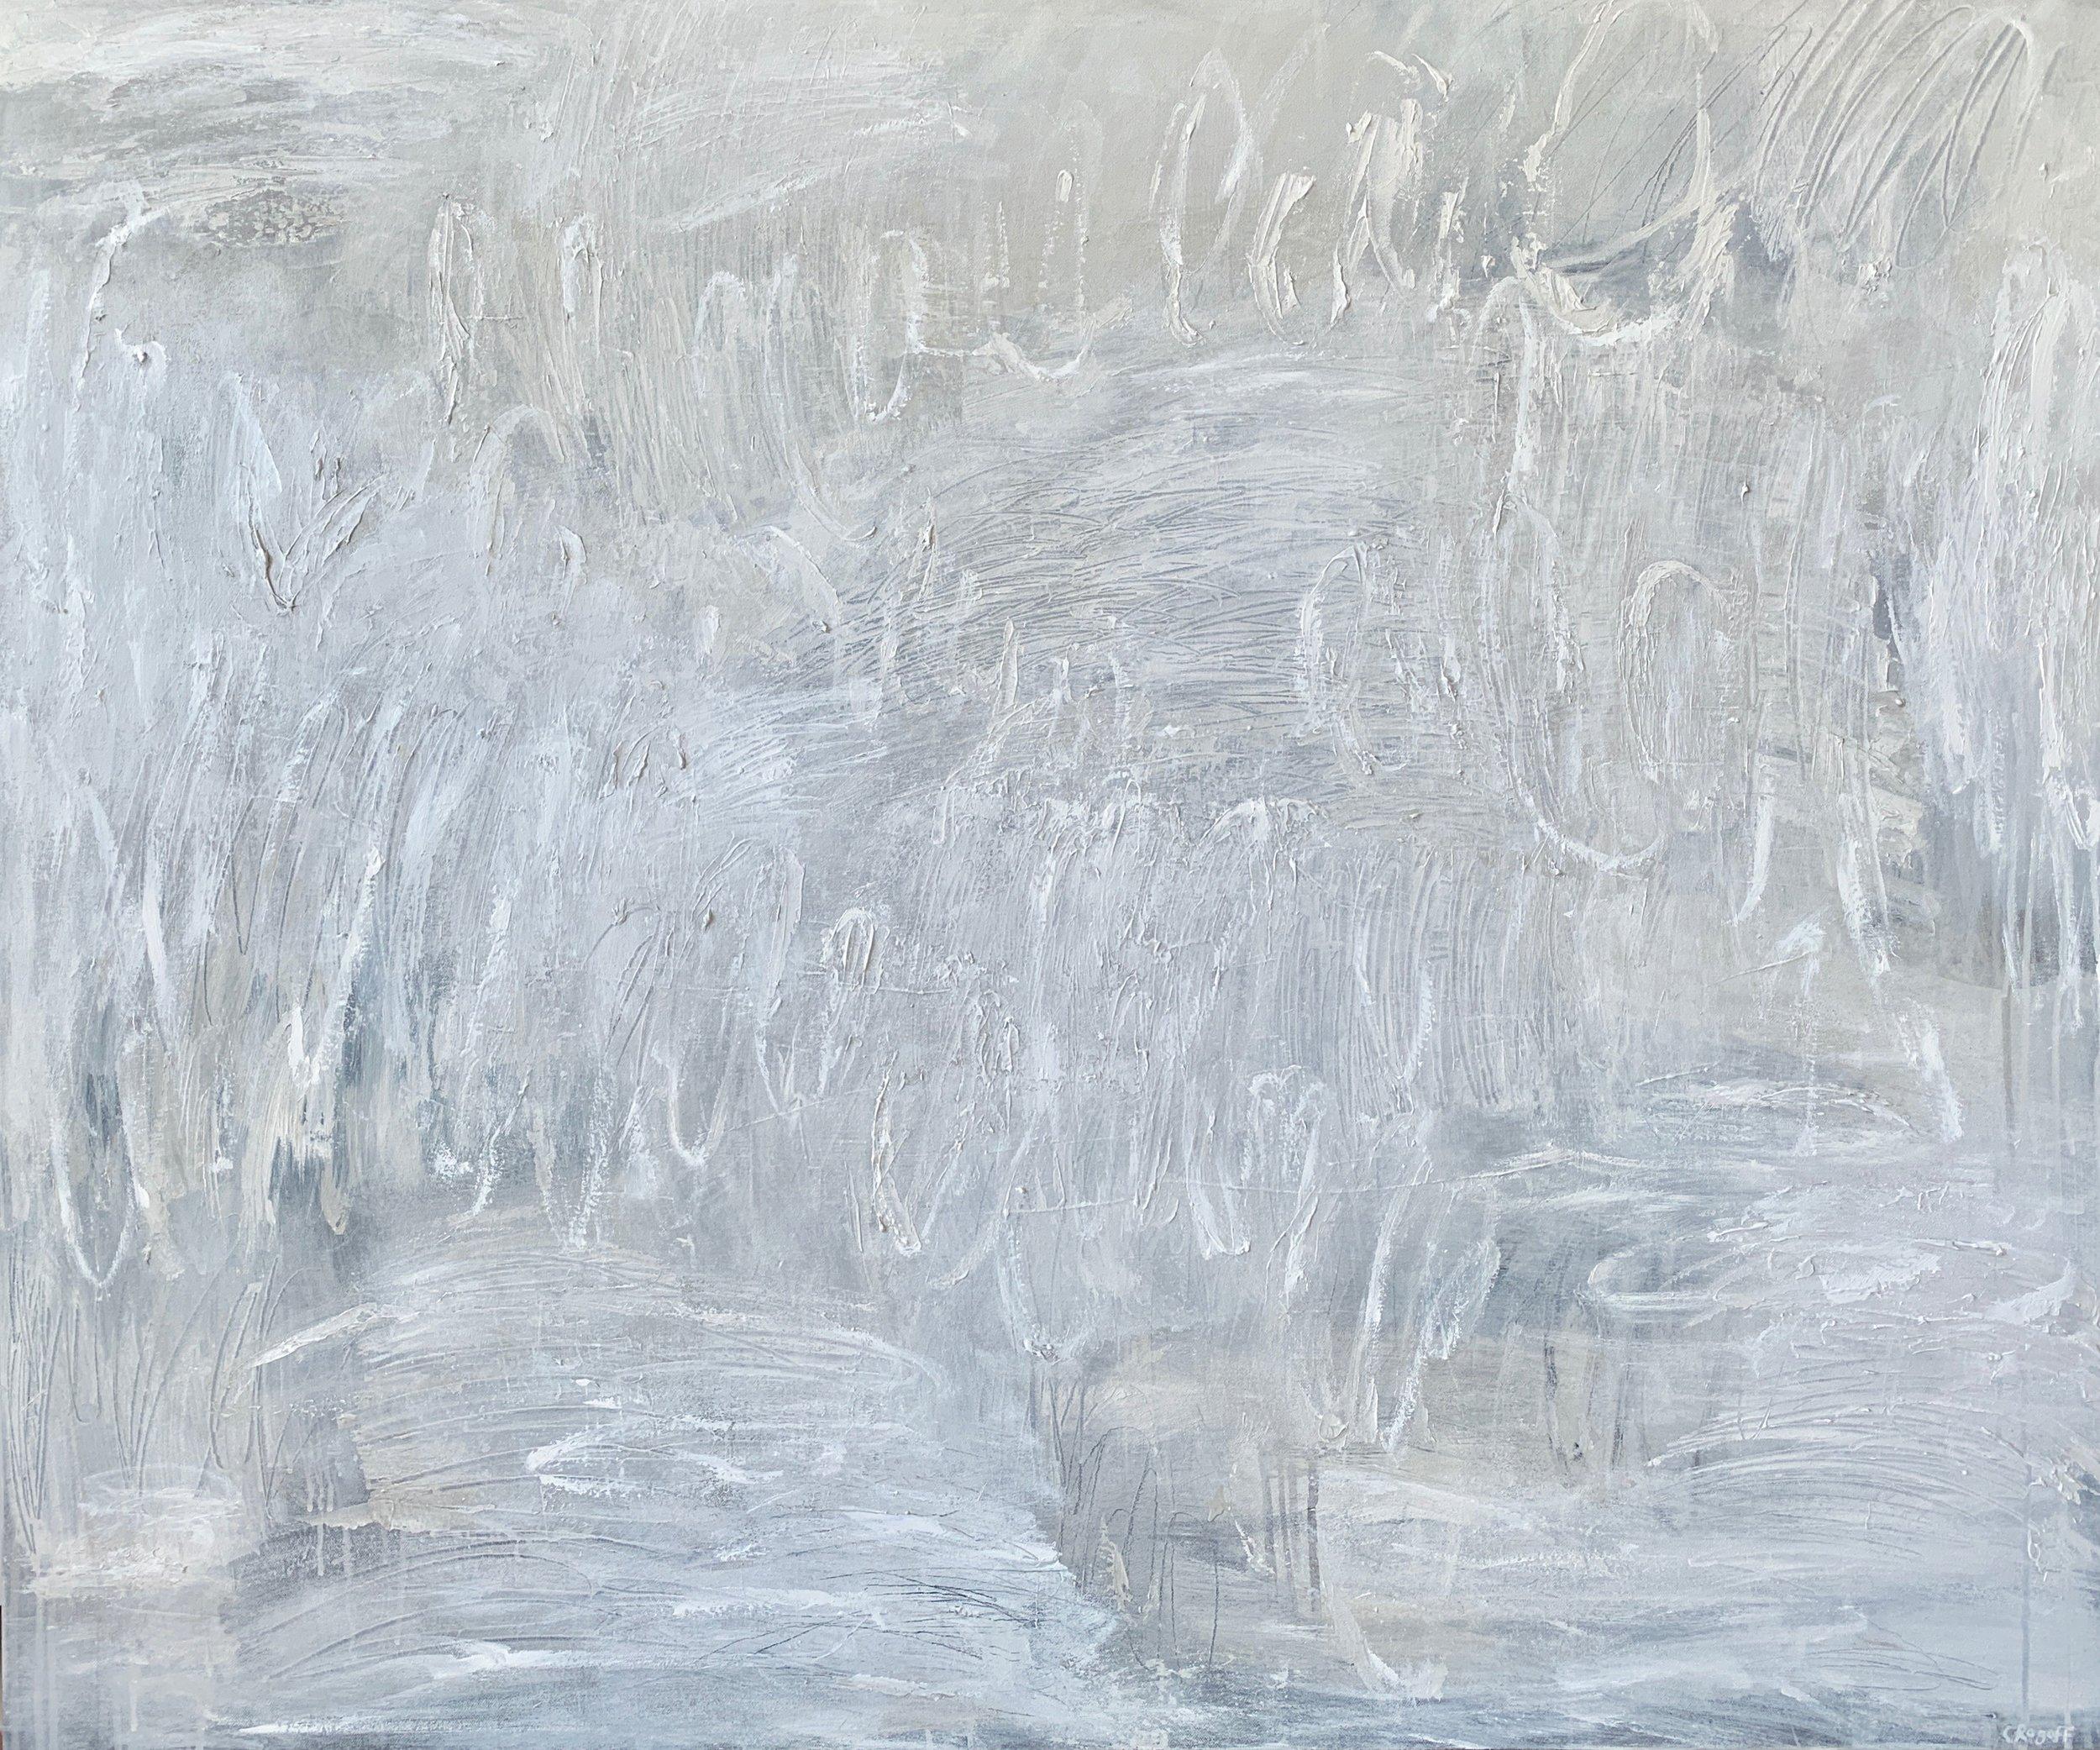 Rewritten, 122 x 102cm